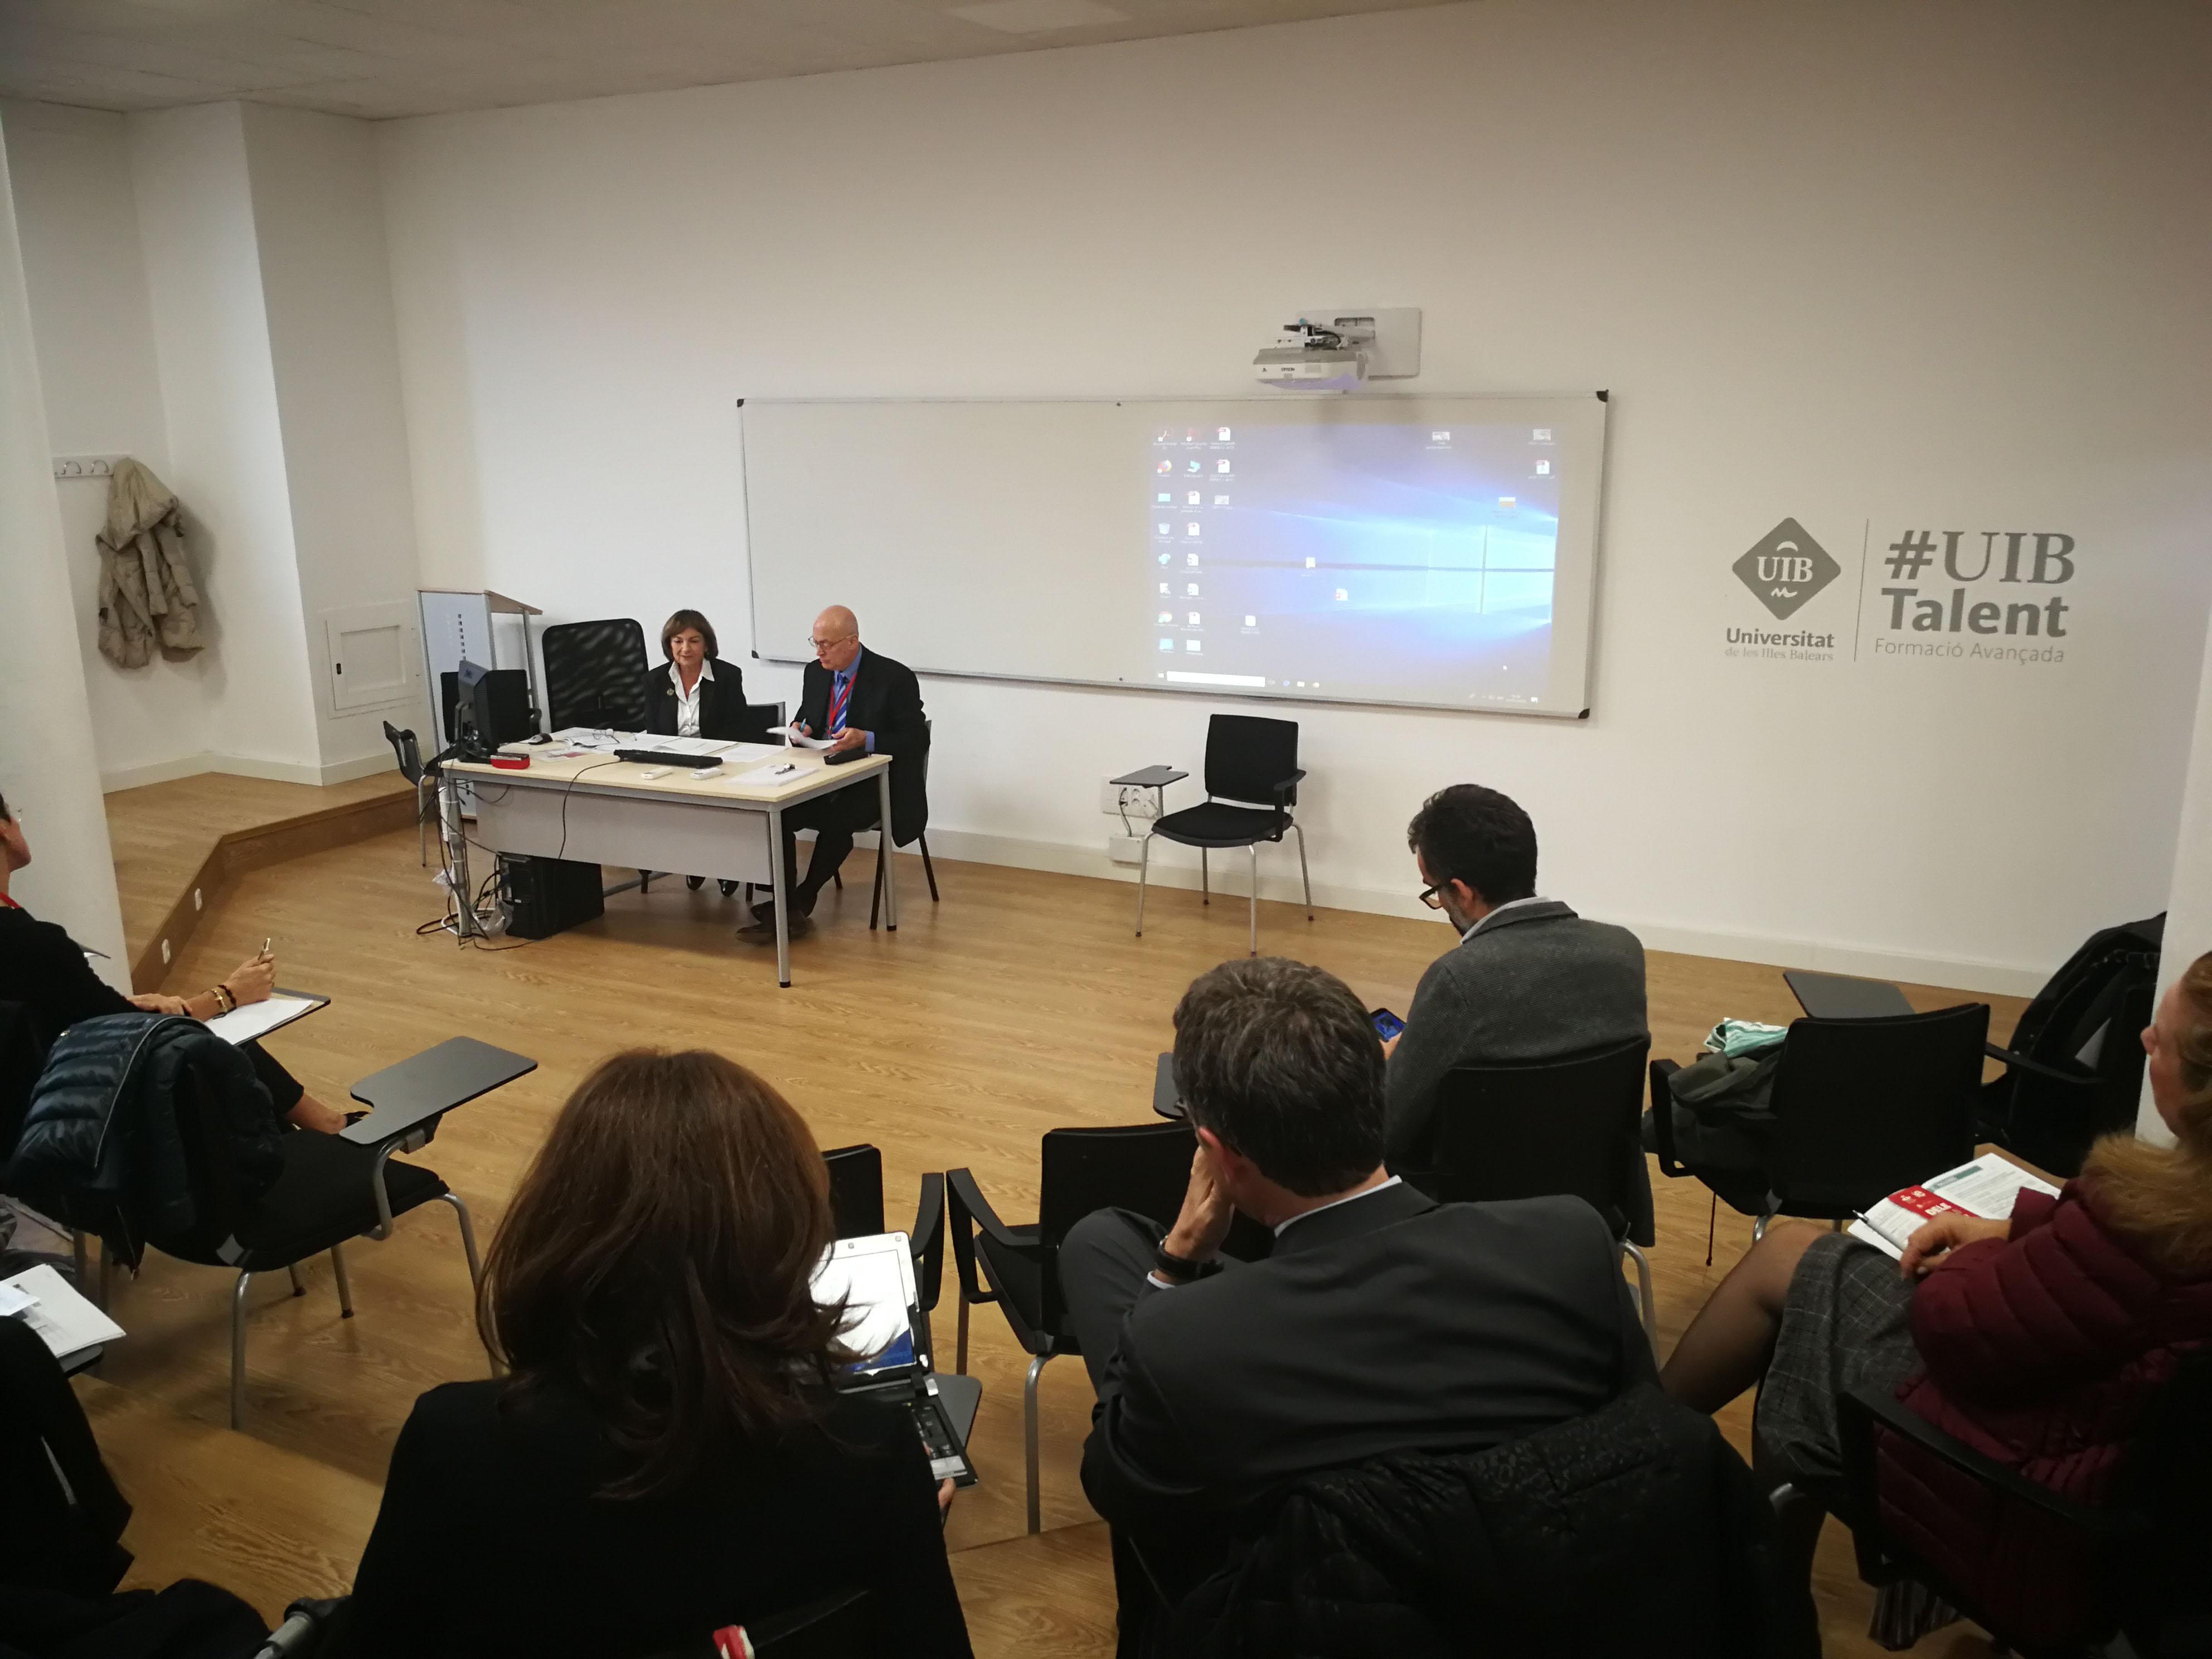 La practica educativa_PalmadiMaiorca-153822